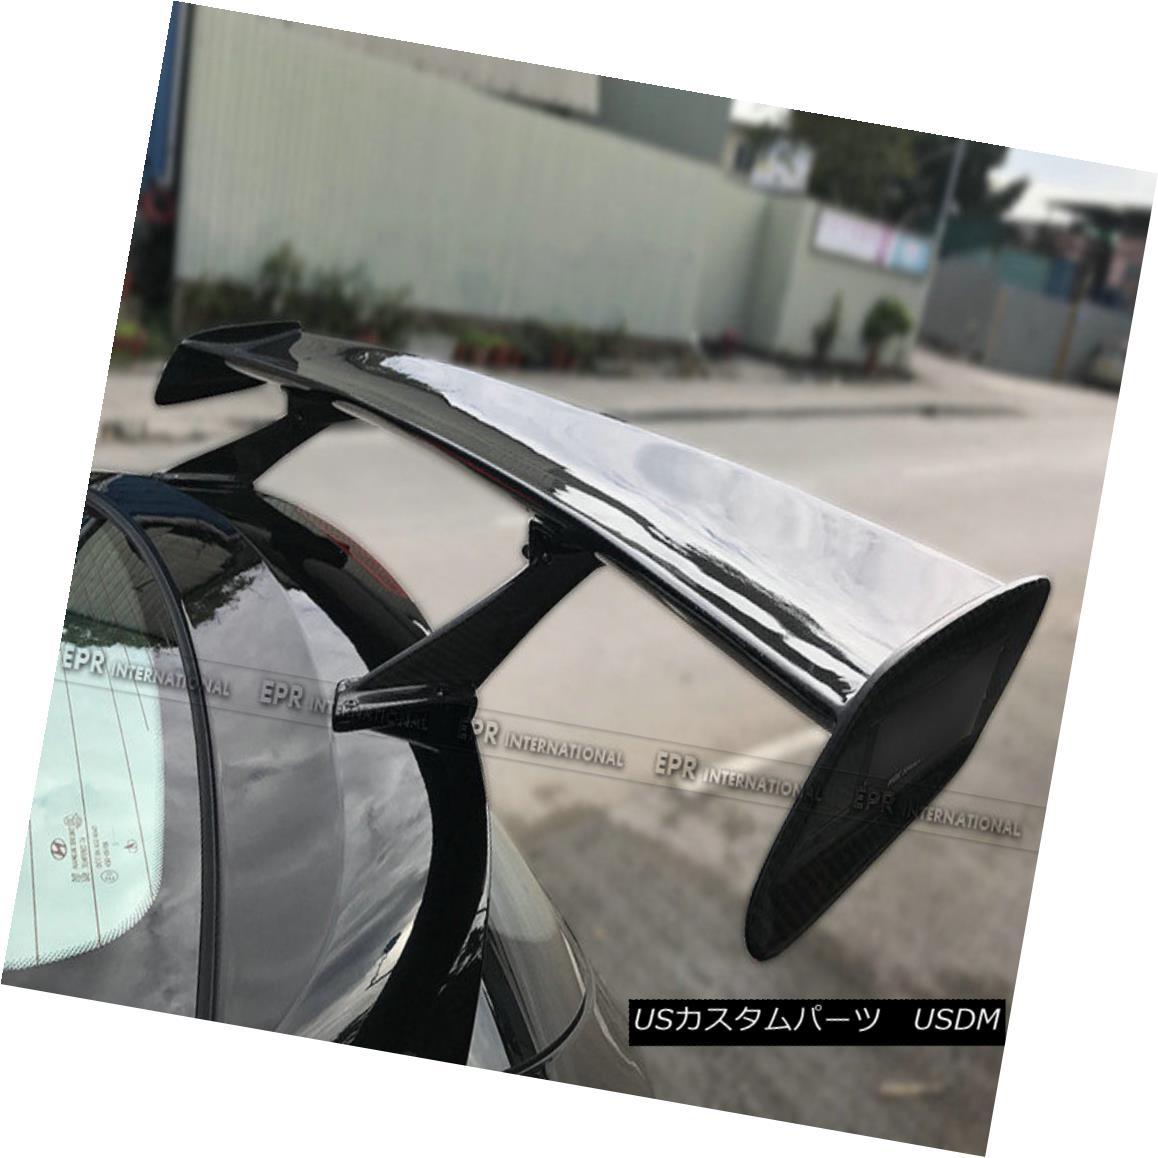 エアロパーツ For Hyundai Veloster Turbo LP Style Carbon Fiber Rear Spoiler Wing Add on Refit Hyundai Veloster Turbo LPスタイルカーボンファイバーリアスポイラーウイング